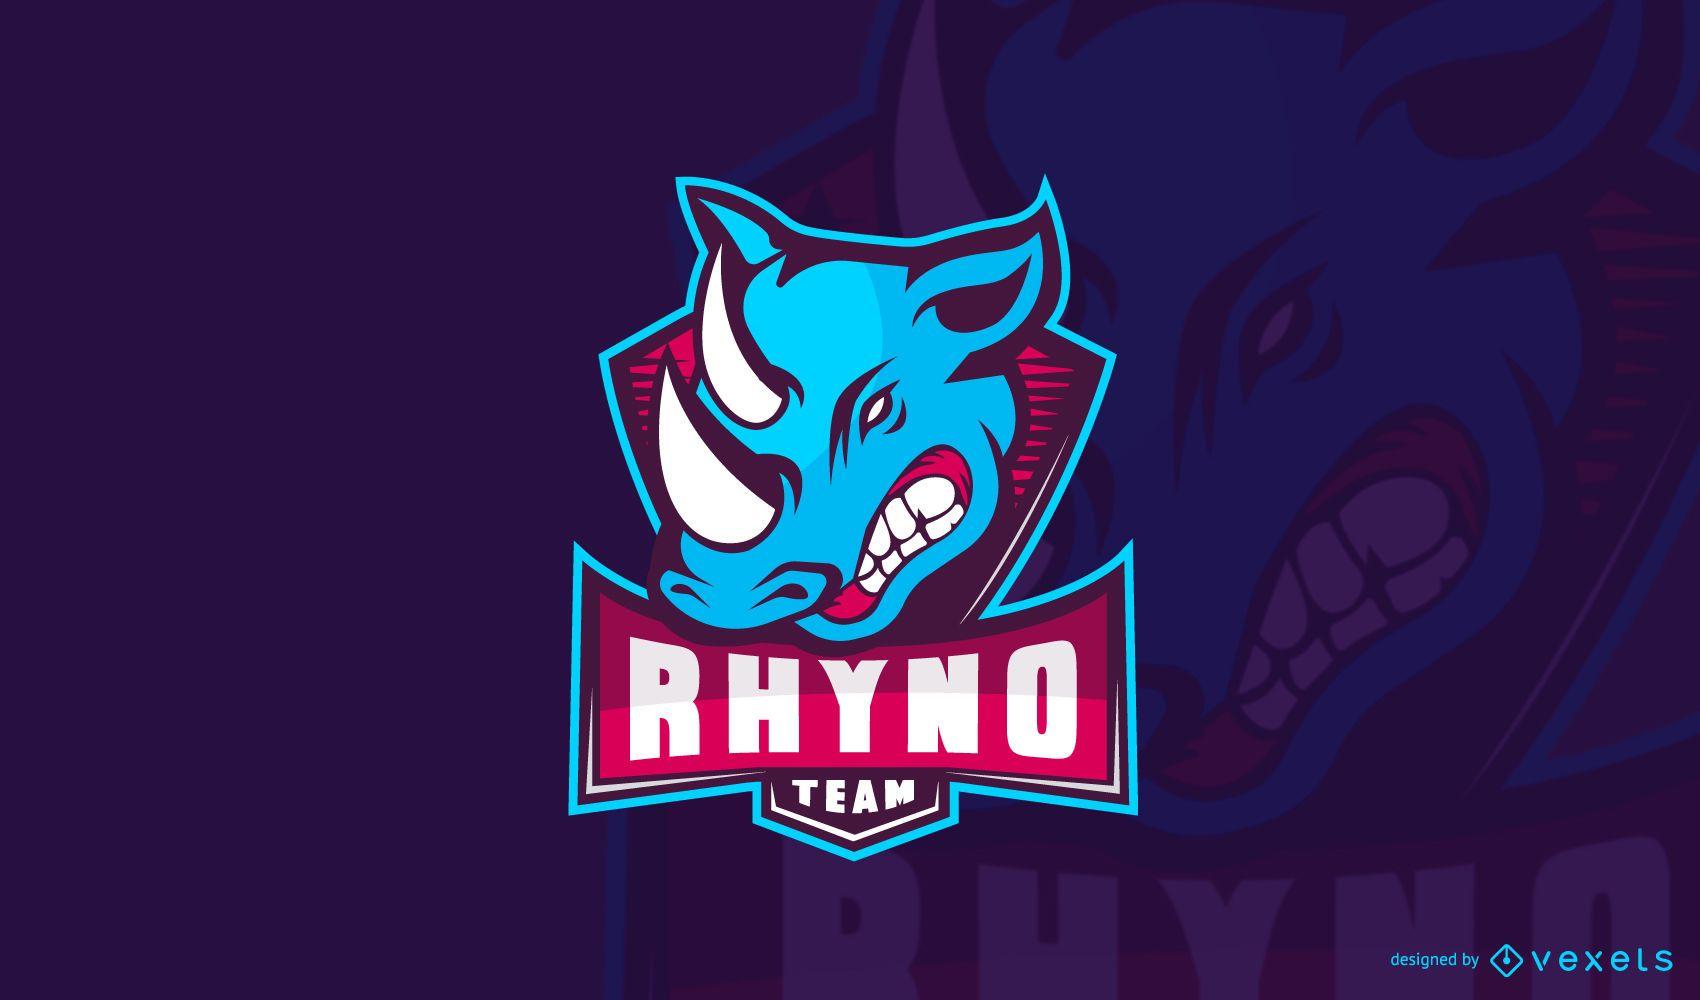 Modelo de logotipo de jogos Rhyno